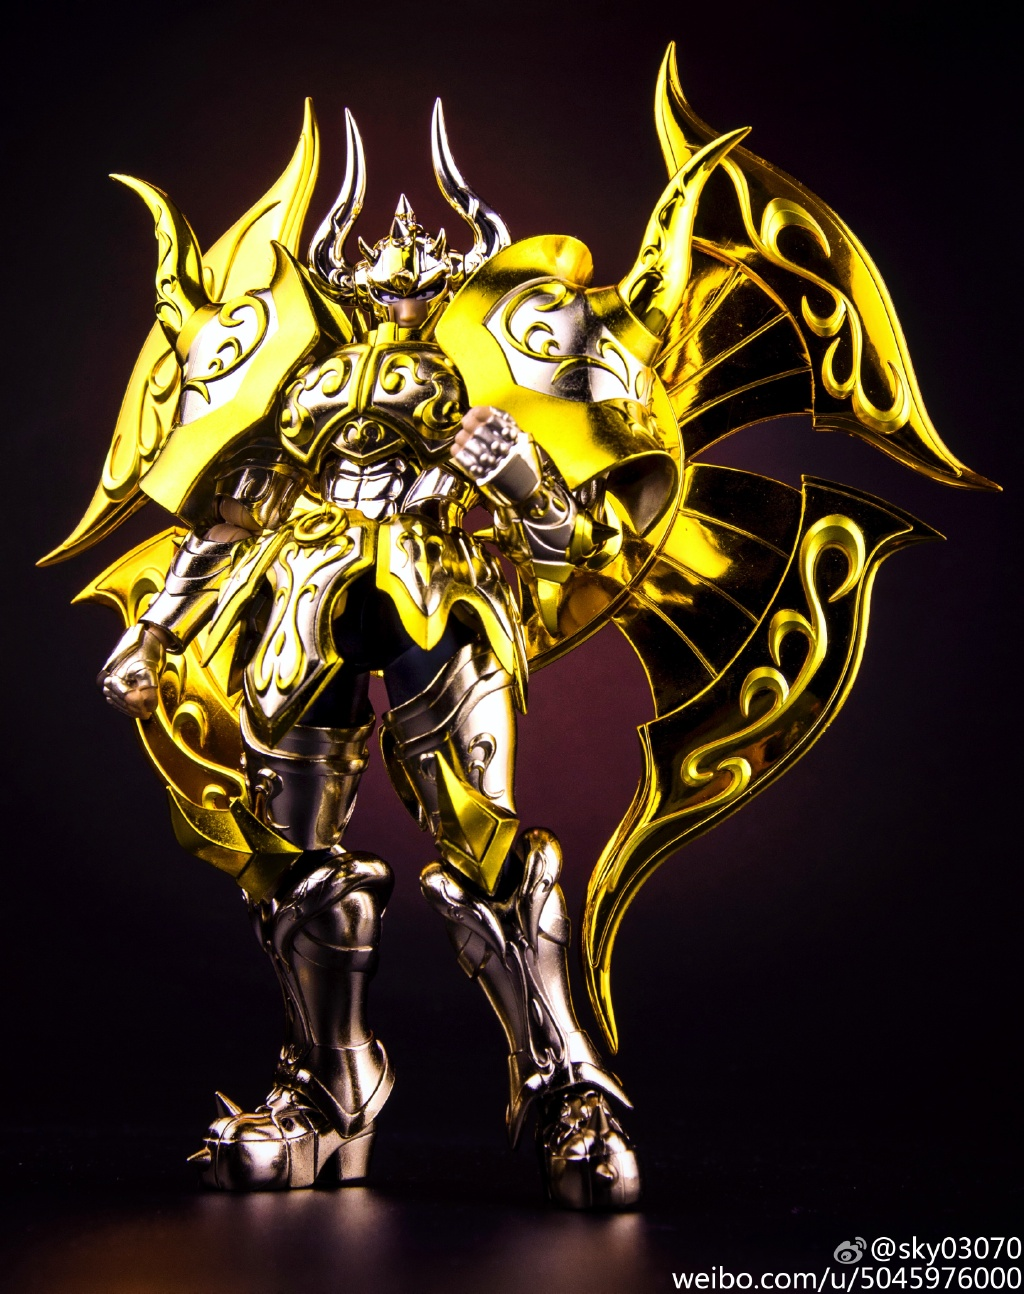 [Comentários] Saint Cloth Myth EX - Soul of Gold Aldebaran de Touro - Página 4 UpO8Vd87